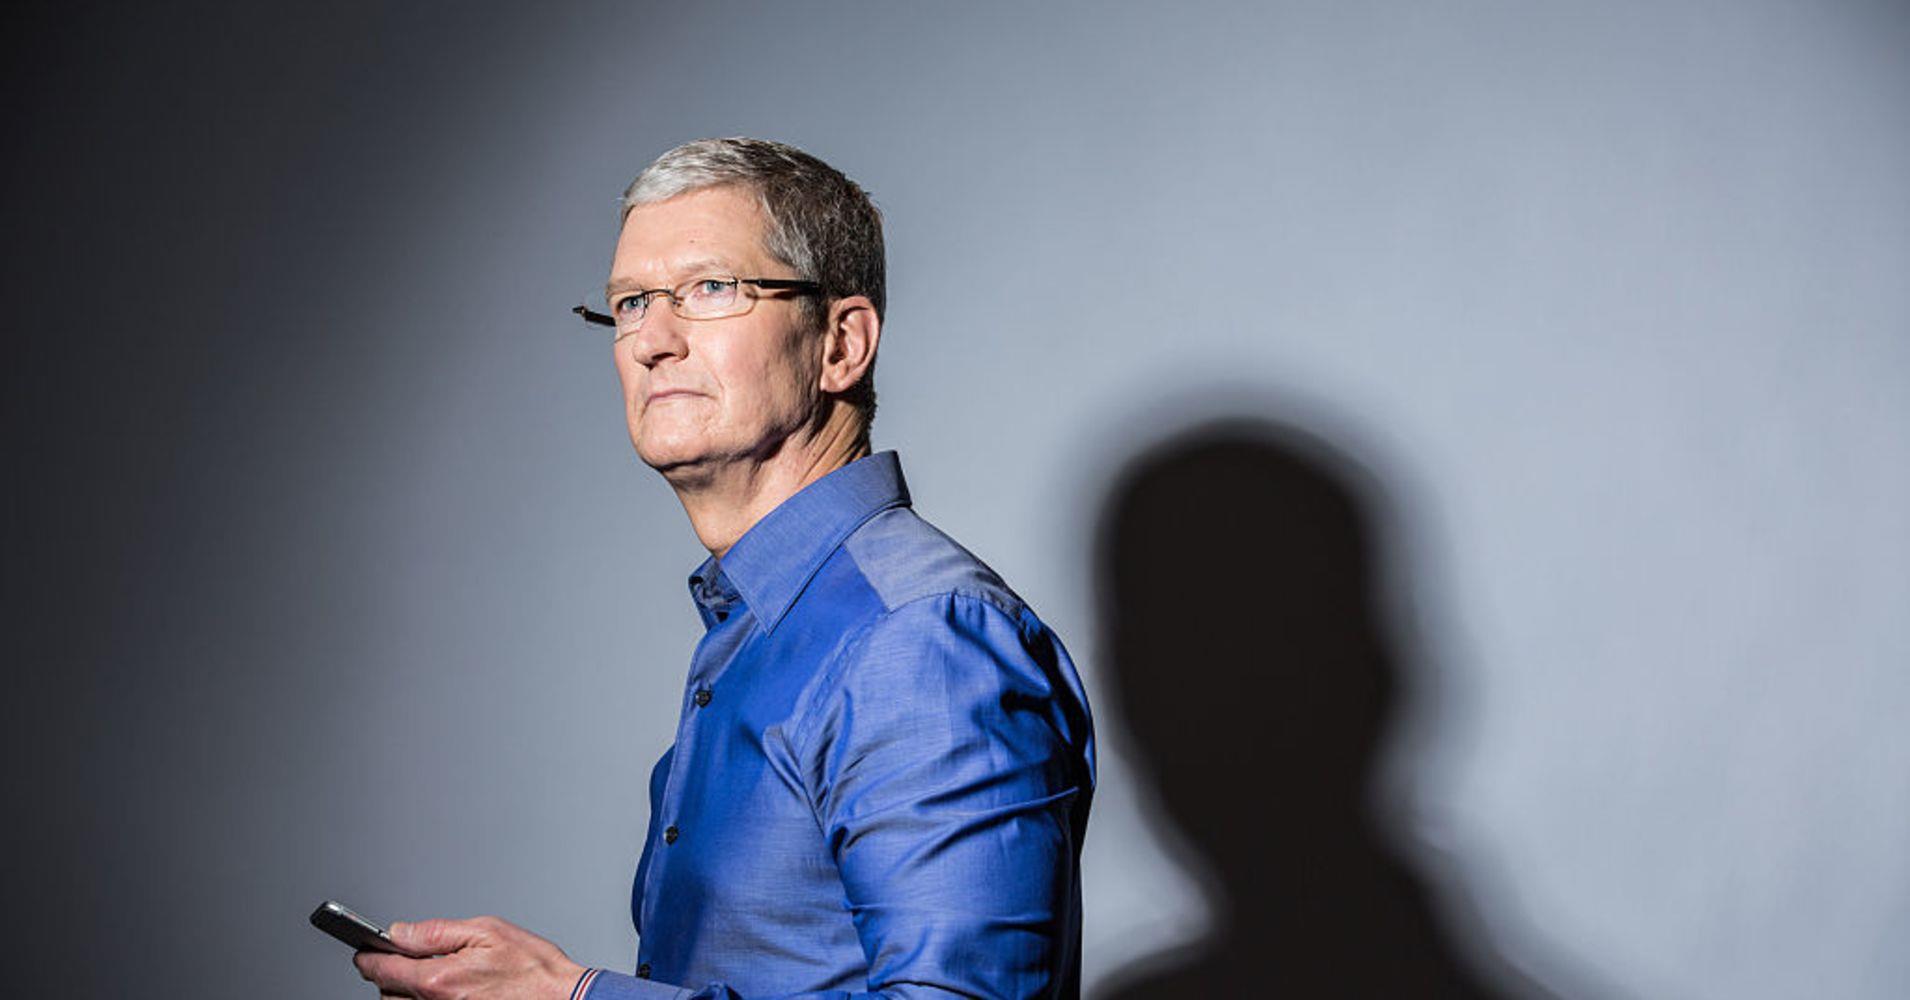 'Apple thoi Tim Cook thanh cong nhung chang co sieu pham nao' hinh anh 1 Zalo_AI_8.jpg